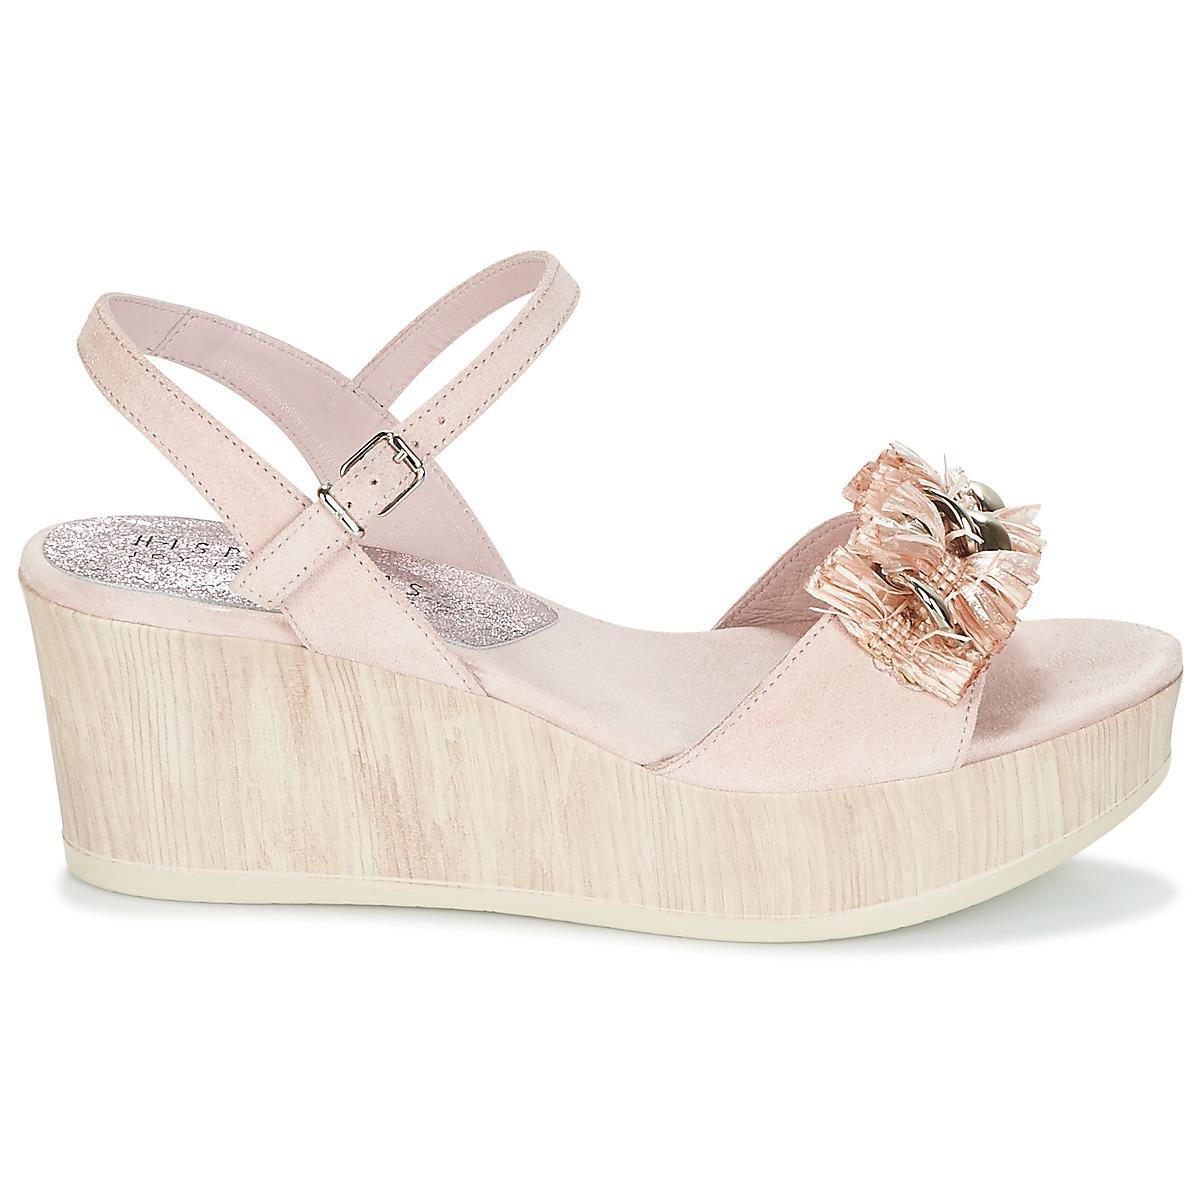 ba293c3b8d417 Hispanitas - Corfu Women s Sandals In Pink - Lyst. View fullscreen